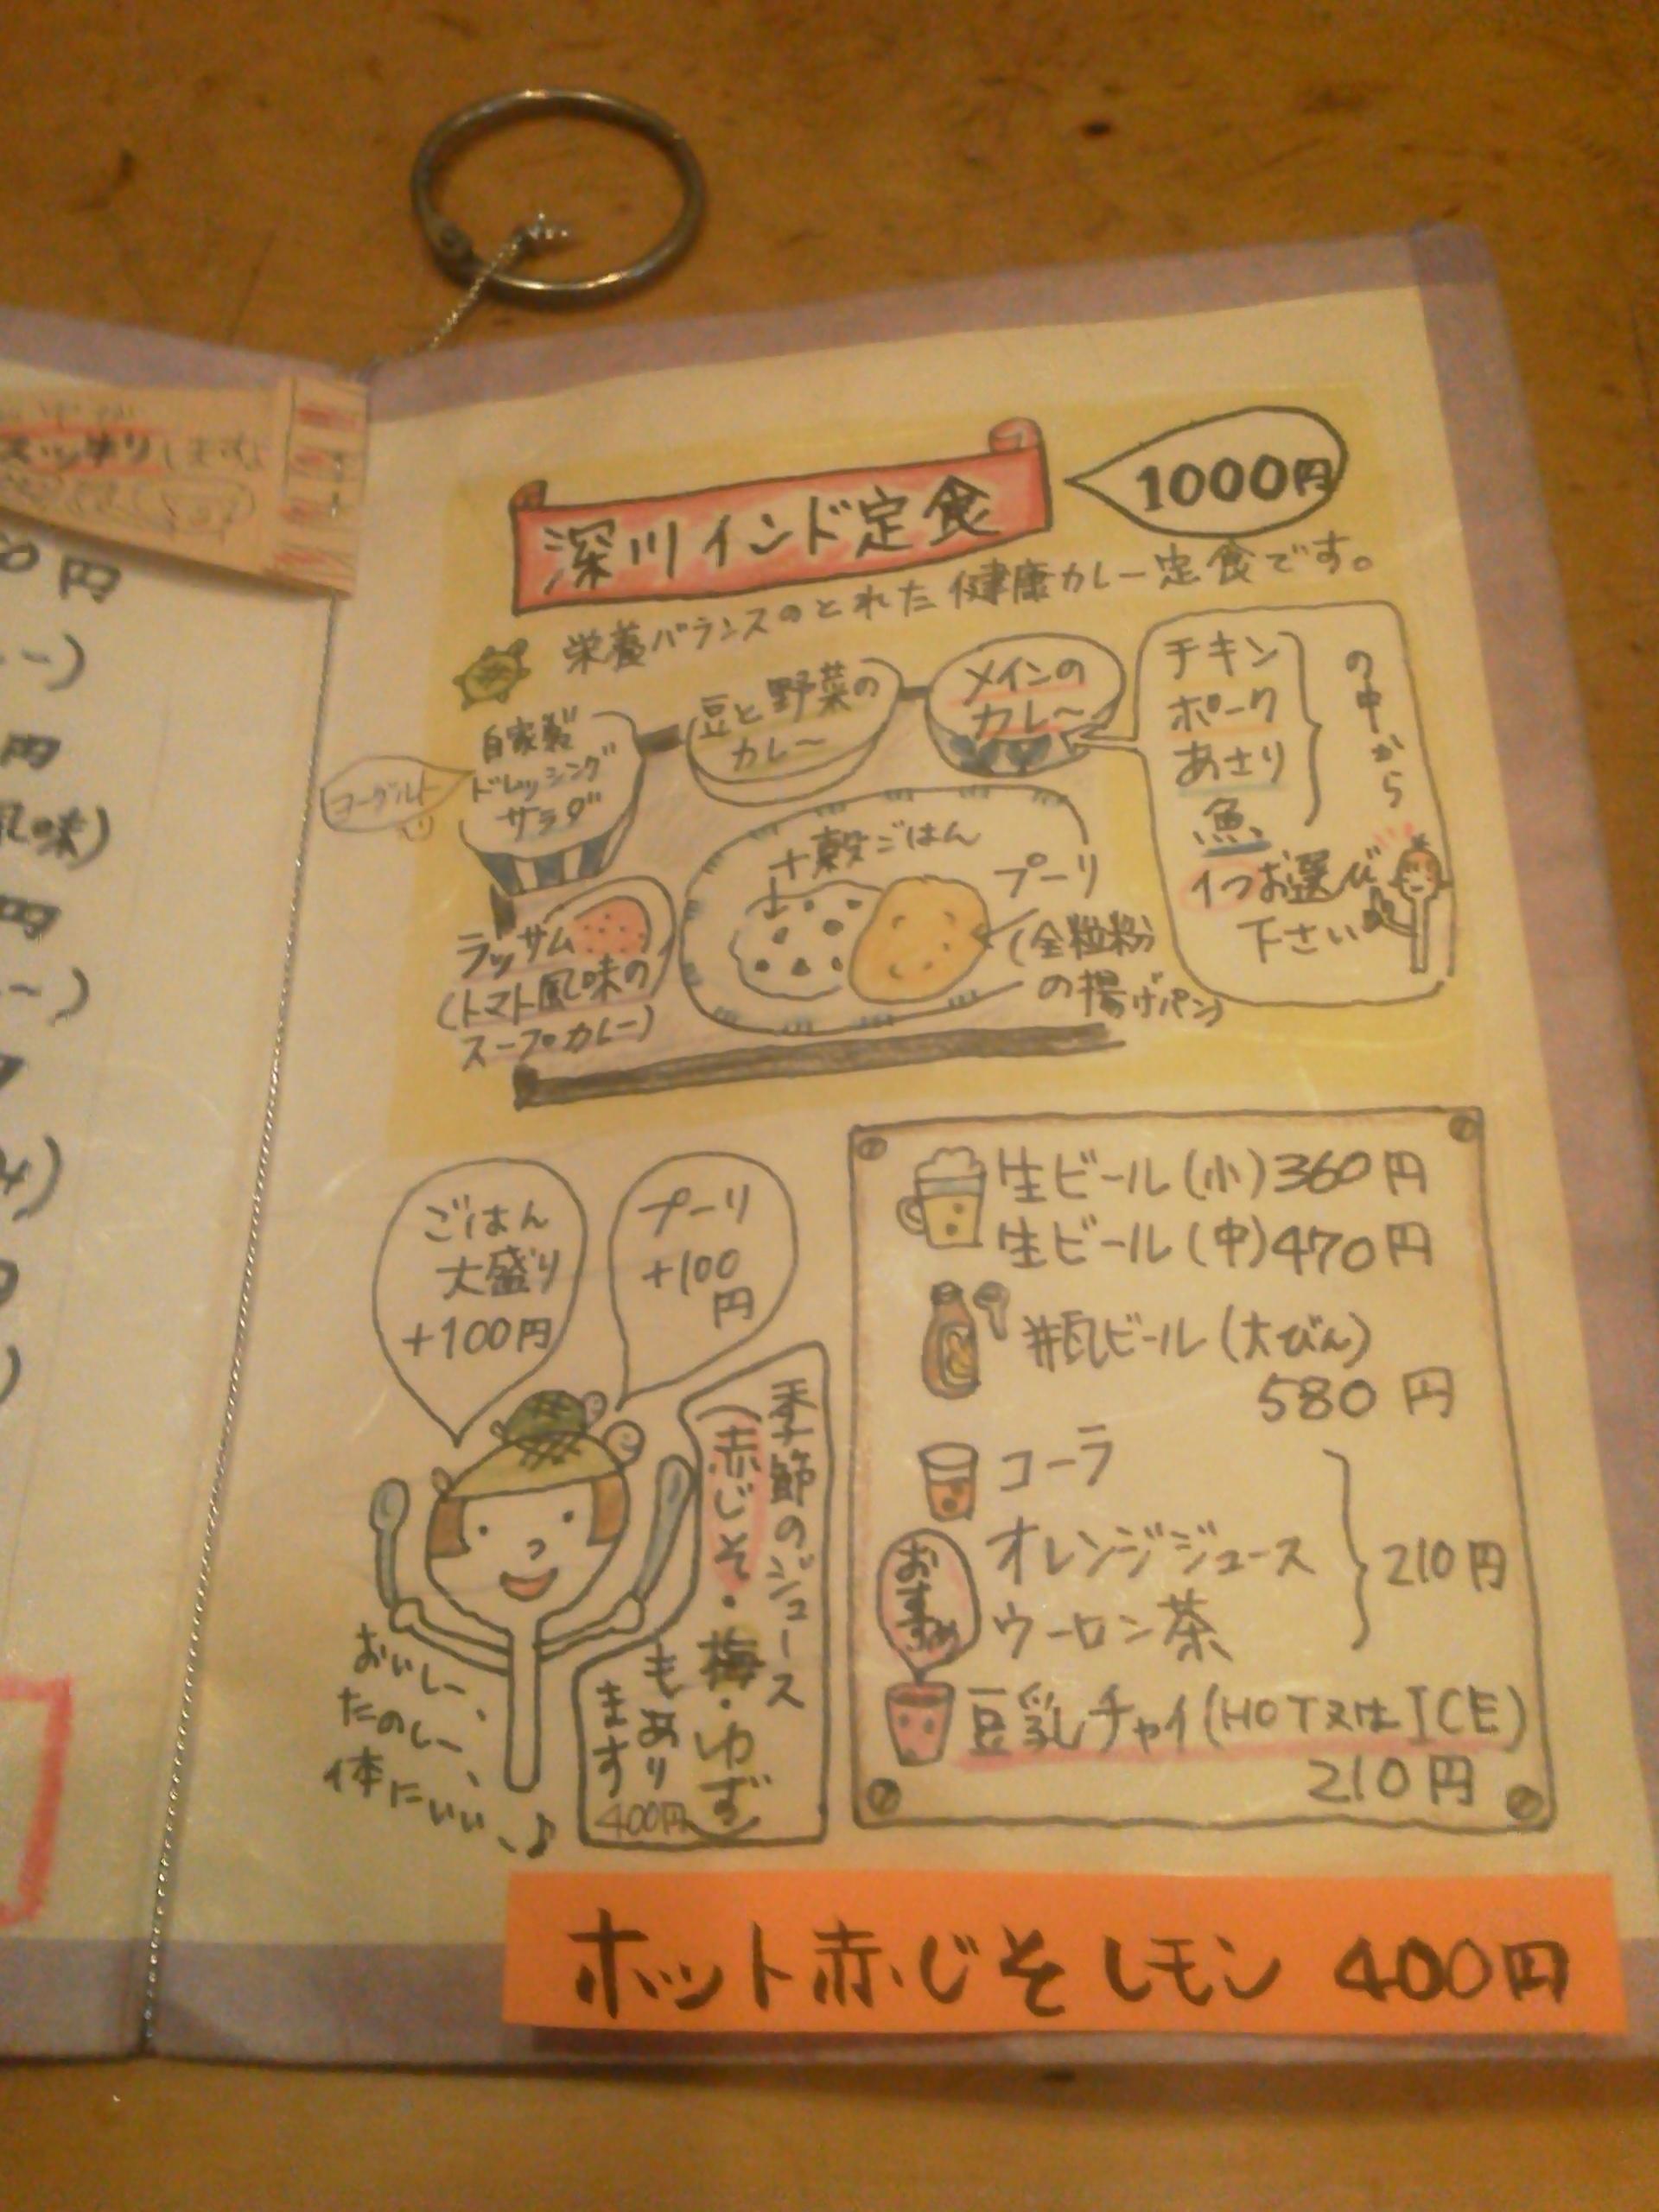 NEC_0428.jpg